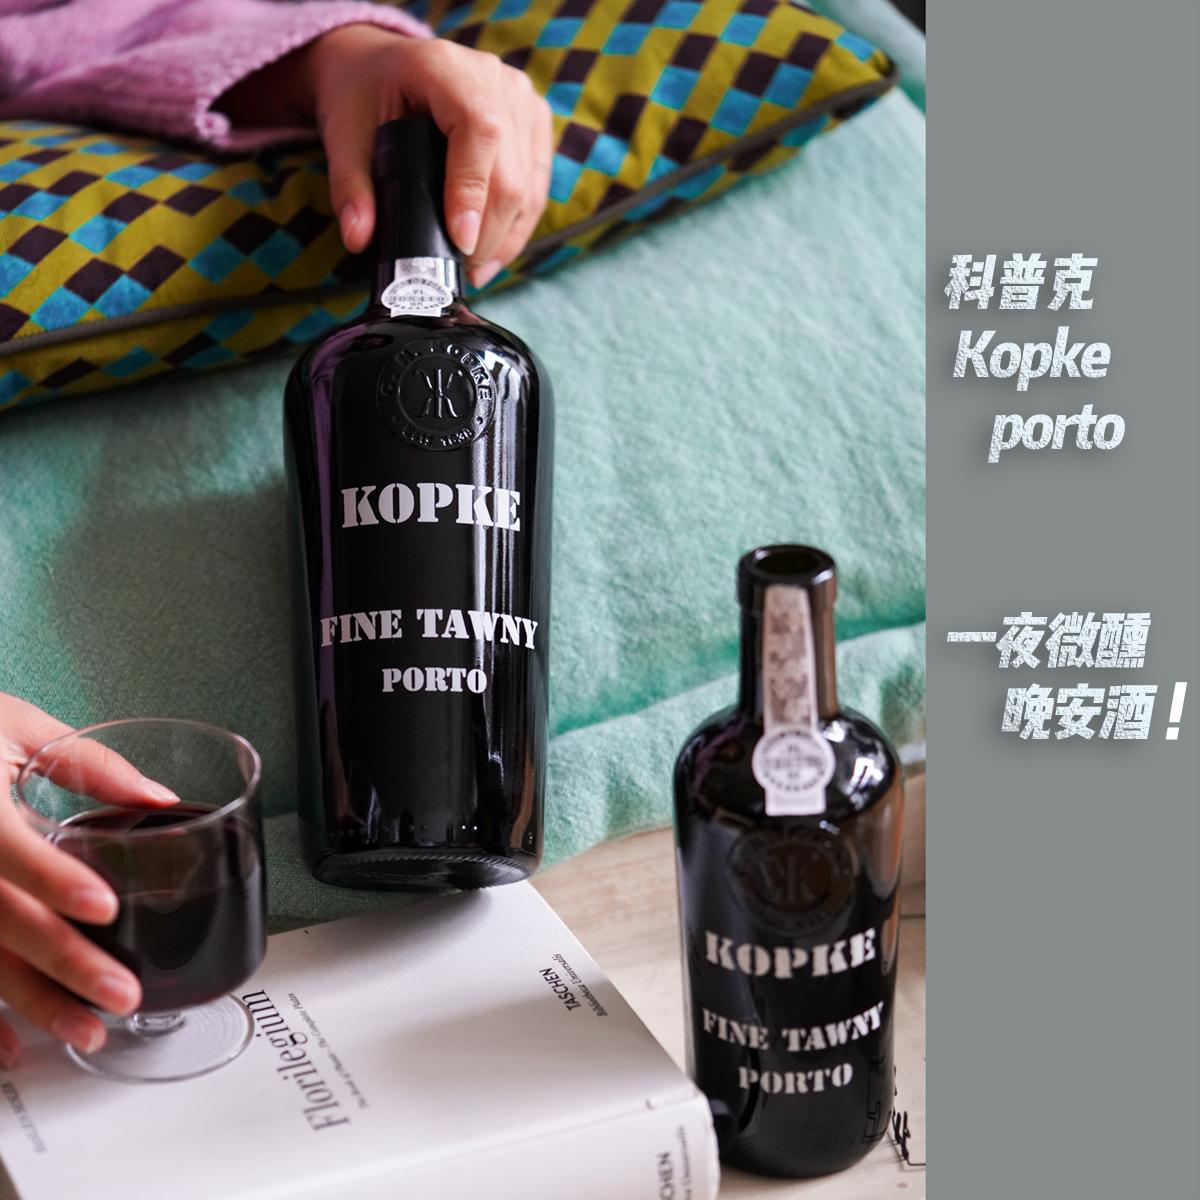 女生晚安酒!波特名庄Kopke 科普克茶色波特酒加强型甜葡萄酒